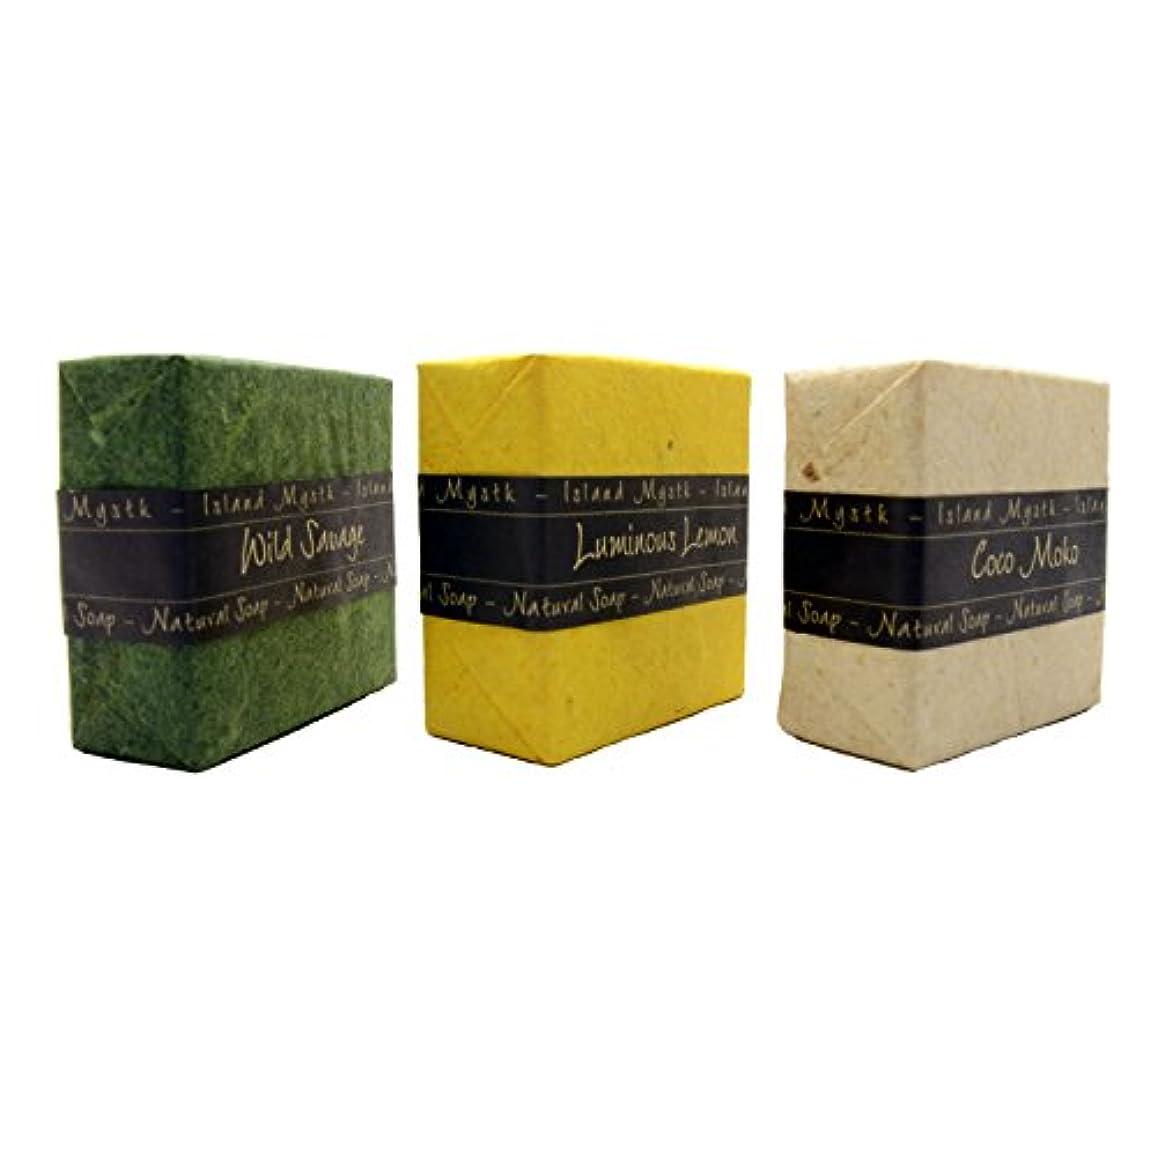 水文明と組むアイランドミスティック 3個セット 緑黄白 115g×3 ココナッツ石鹸 バリ島 Island Mystk 天然素材100% 無添加 オーガニック